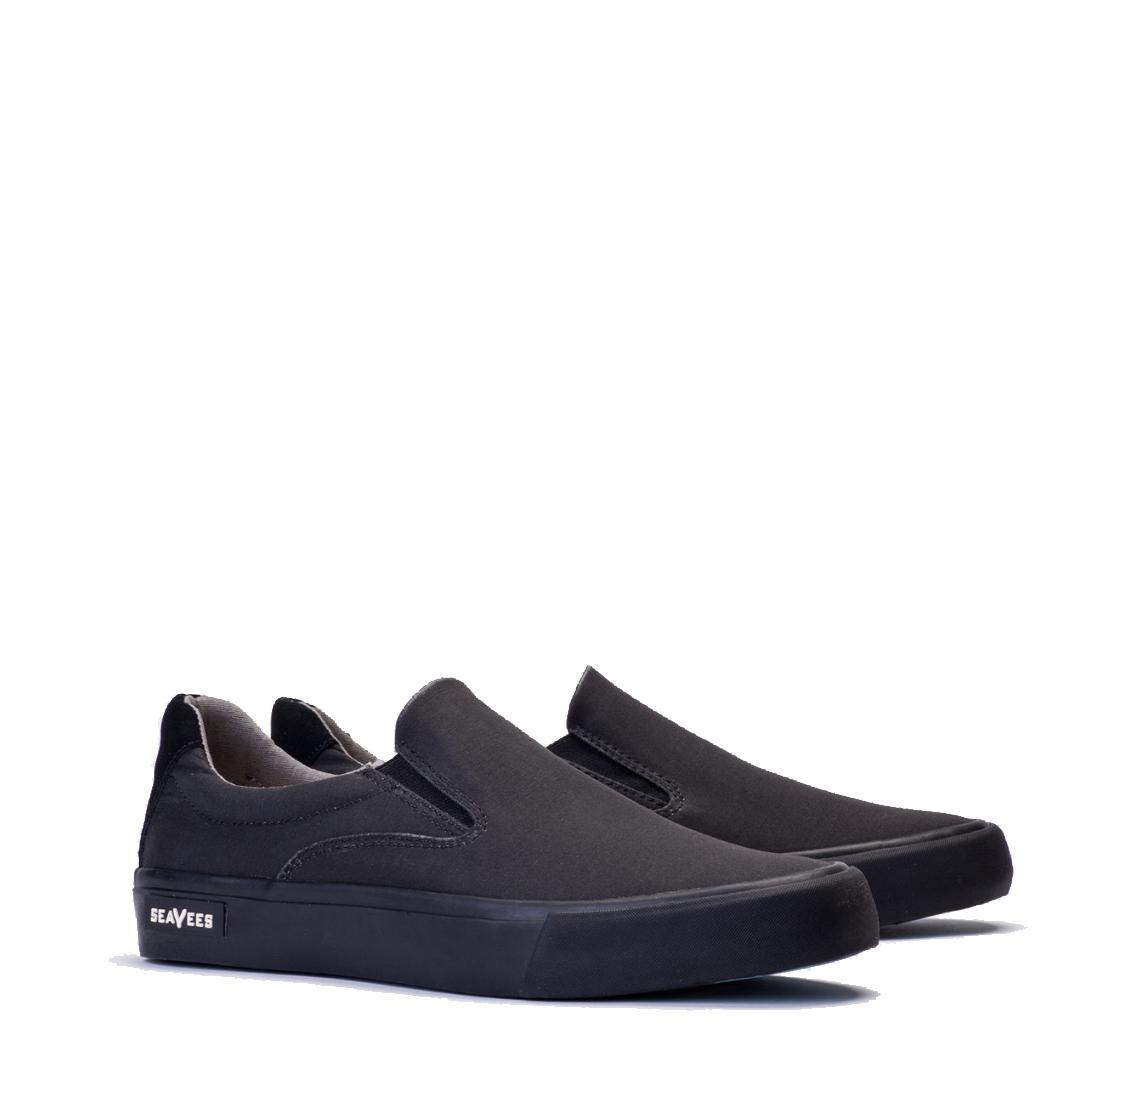 black-slipons